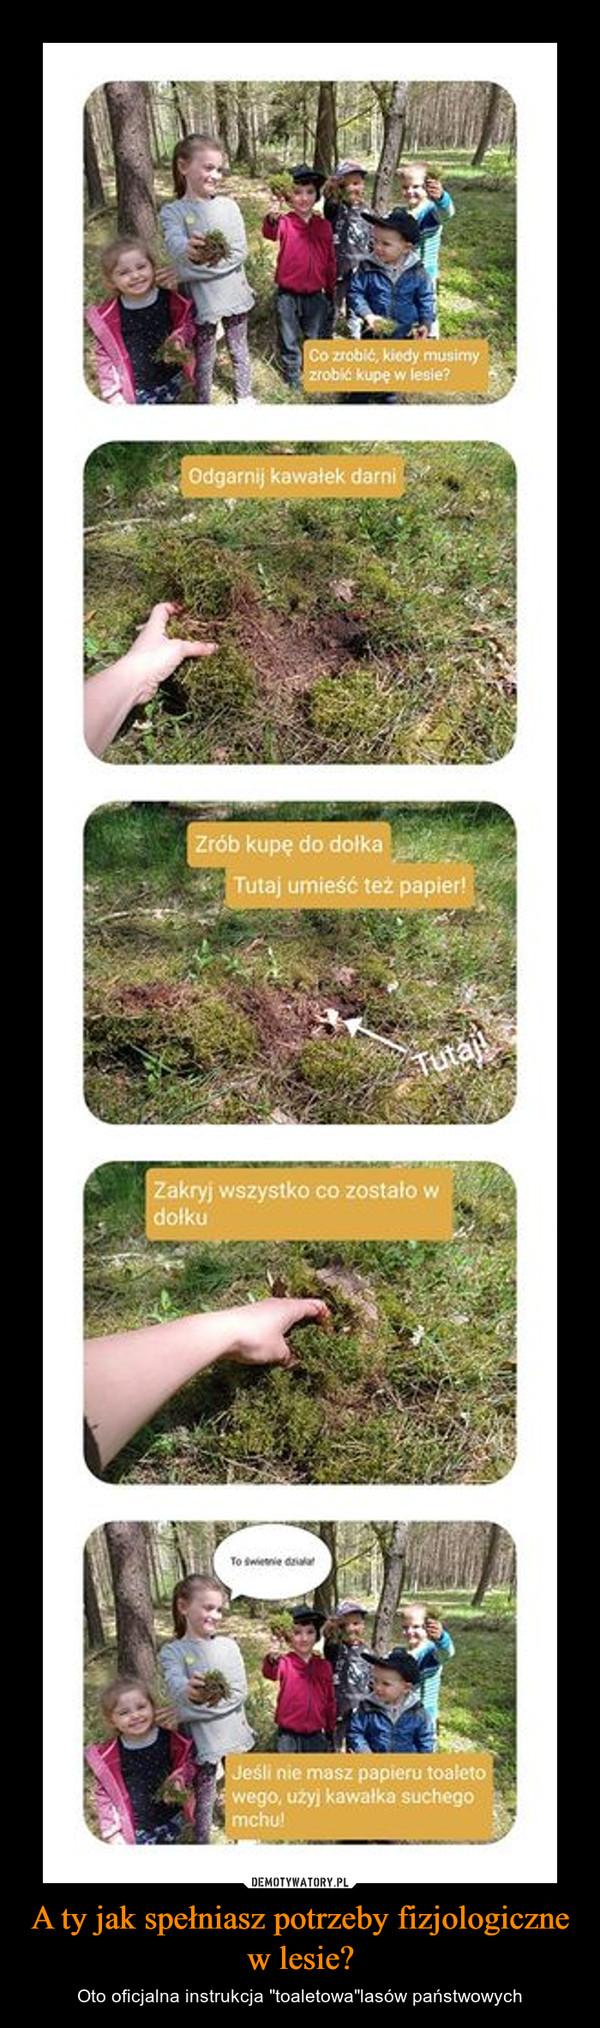 """A ty jak spełniasz potrzeby fizjologiczne w lesie? – Oto oficjalna instrukcja """"toaletowa""""lasów państwowych"""